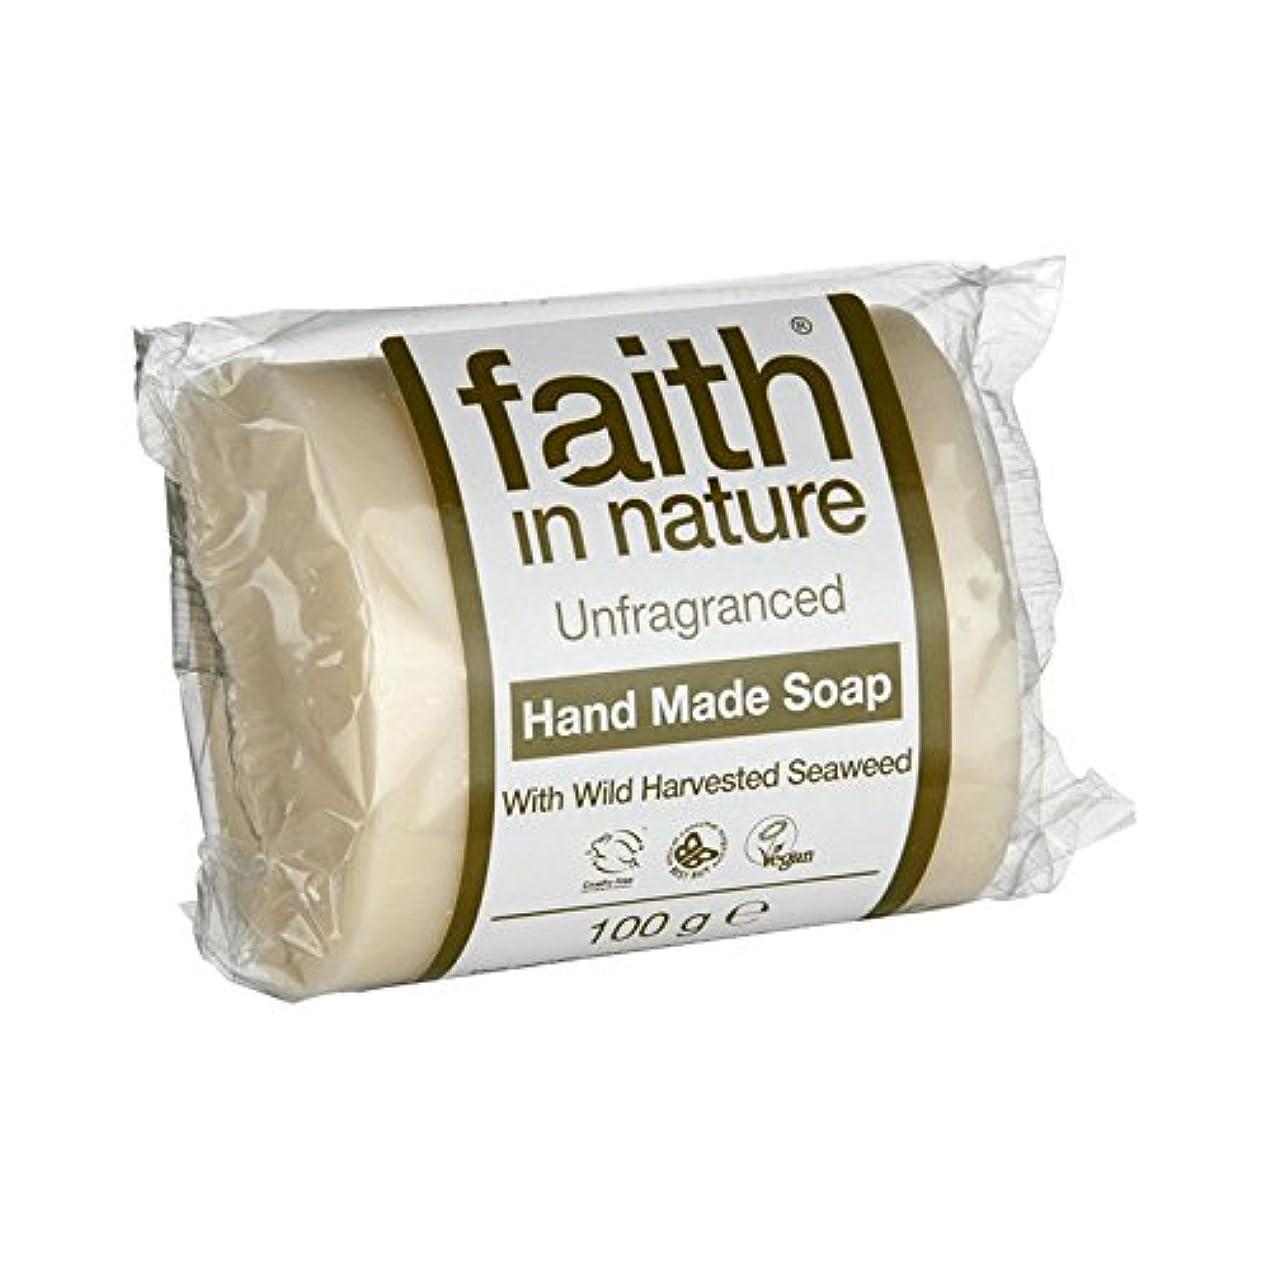 簡単にから建てる自然無香料海藻石鹸100グラムの信仰 - Faith in Nature Unfragranced Seaweed Soap 100g (Faith in Nature) [並行輸入品]